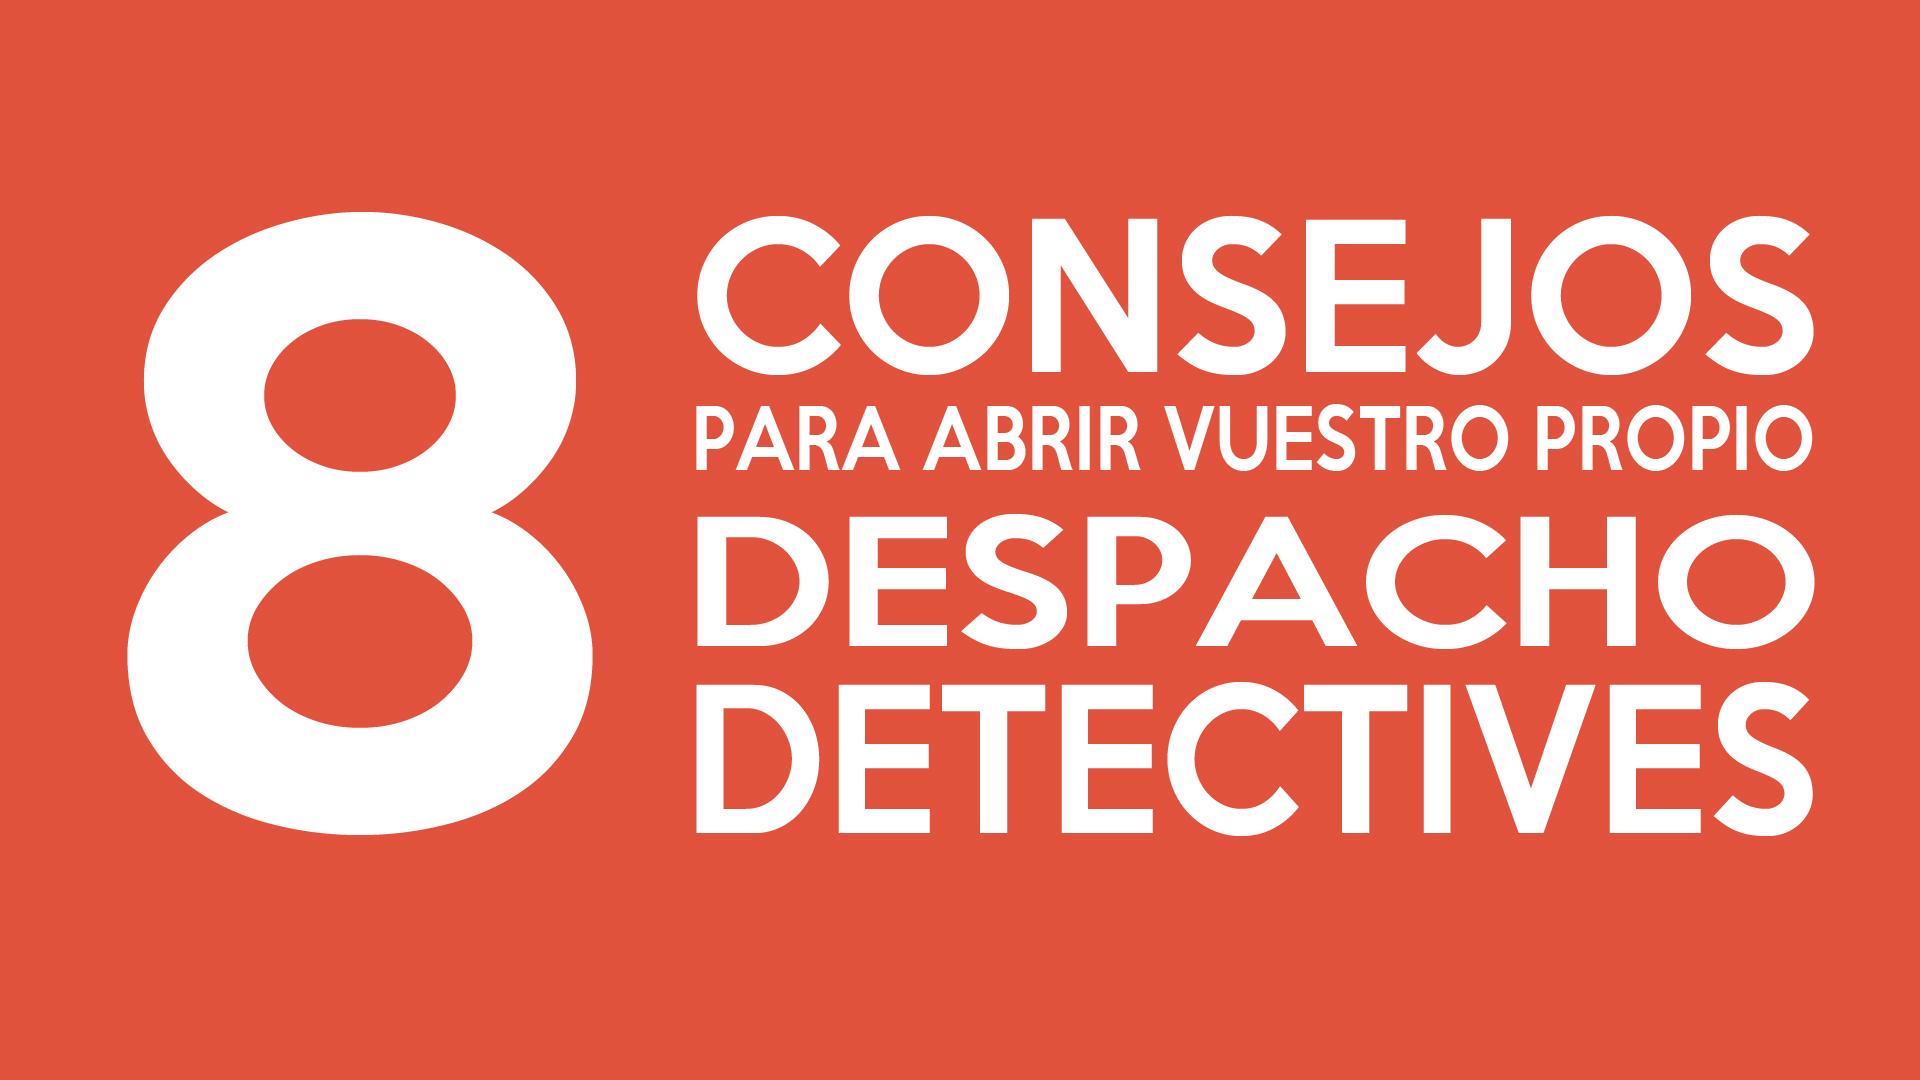 8 CONSEJOS PARA ABRIR VUESTRO PROPIO DESPACHO DE DETECTIVES